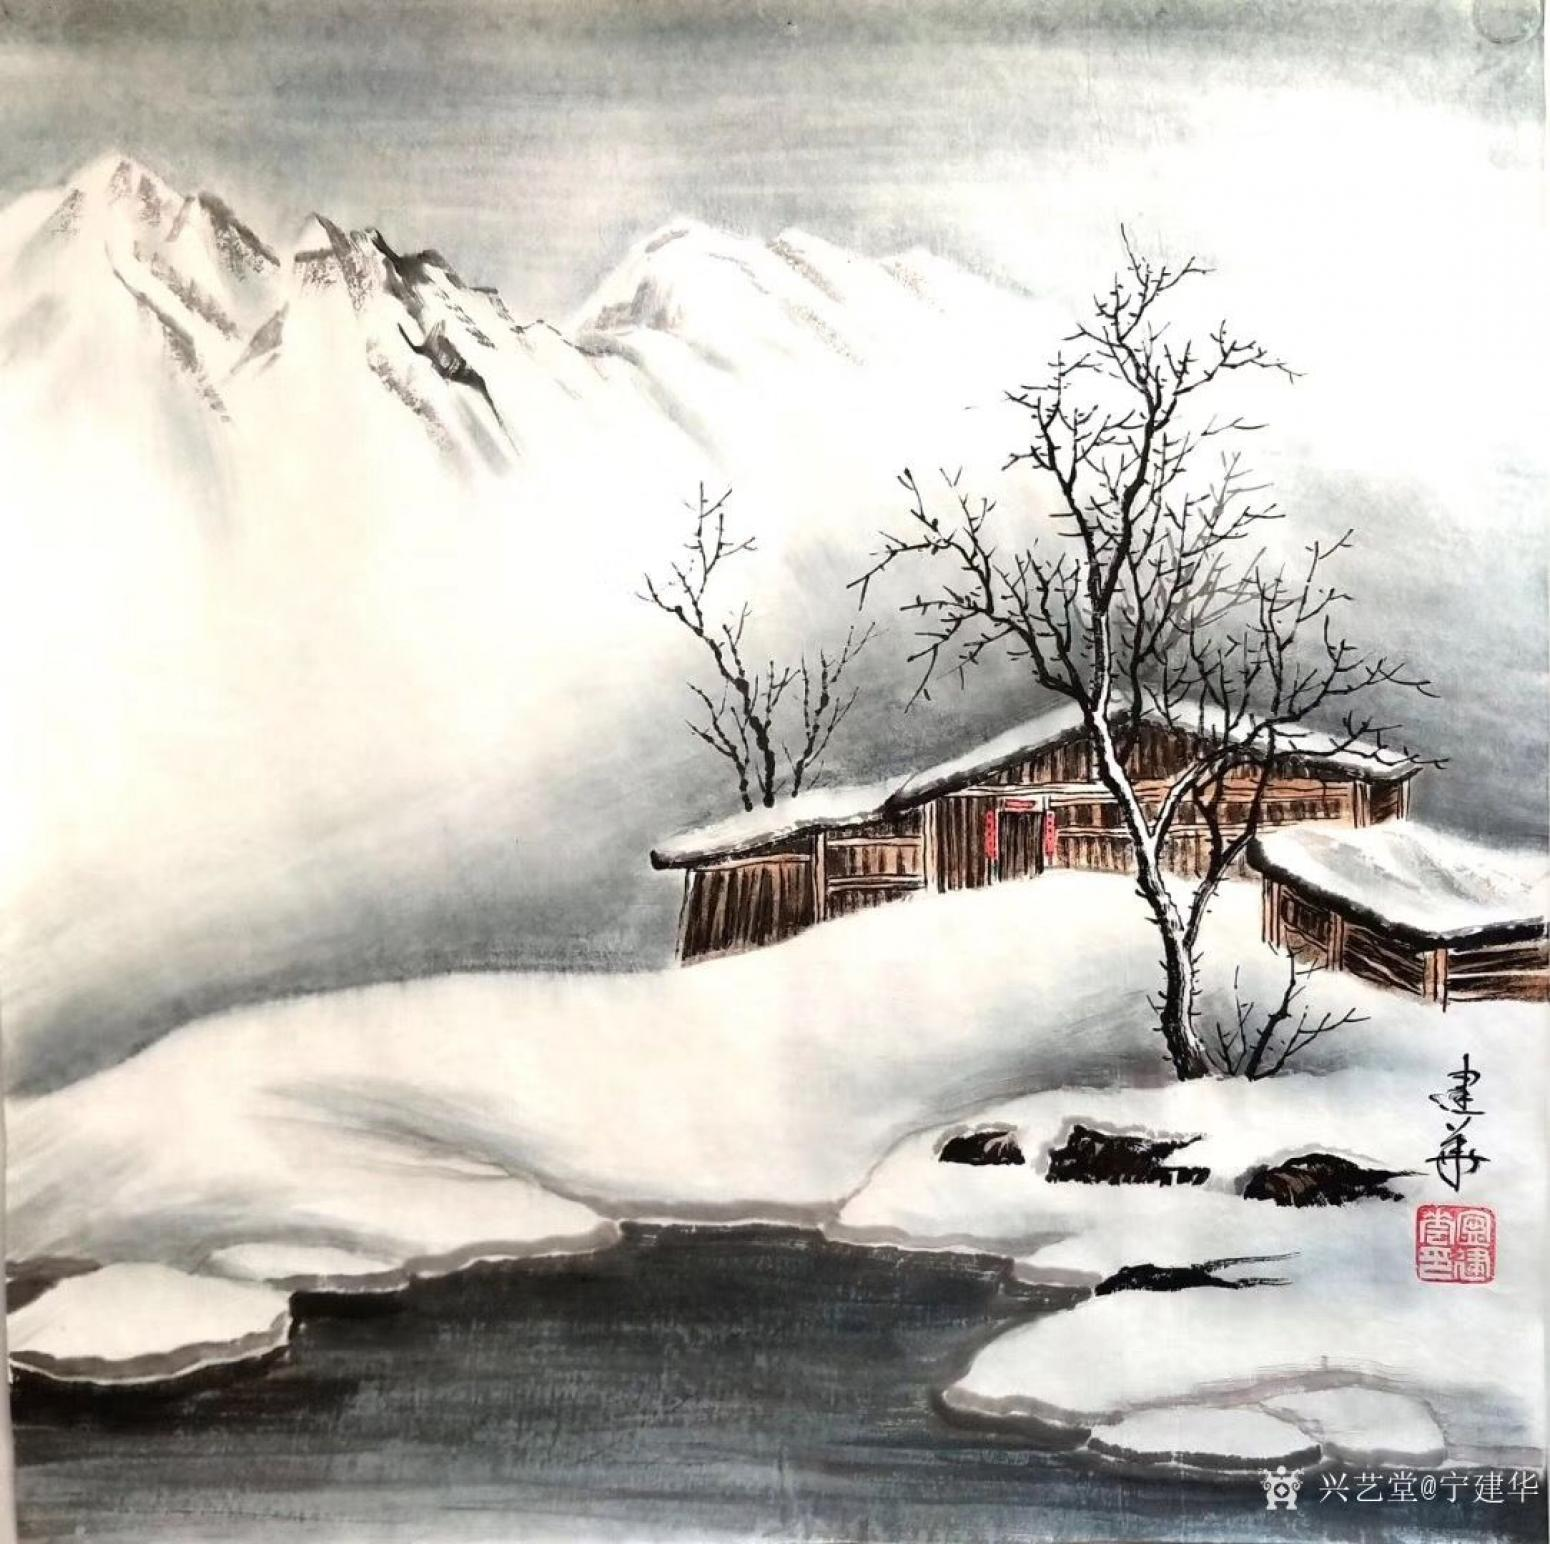 宁建华国画作品《山水-冬》